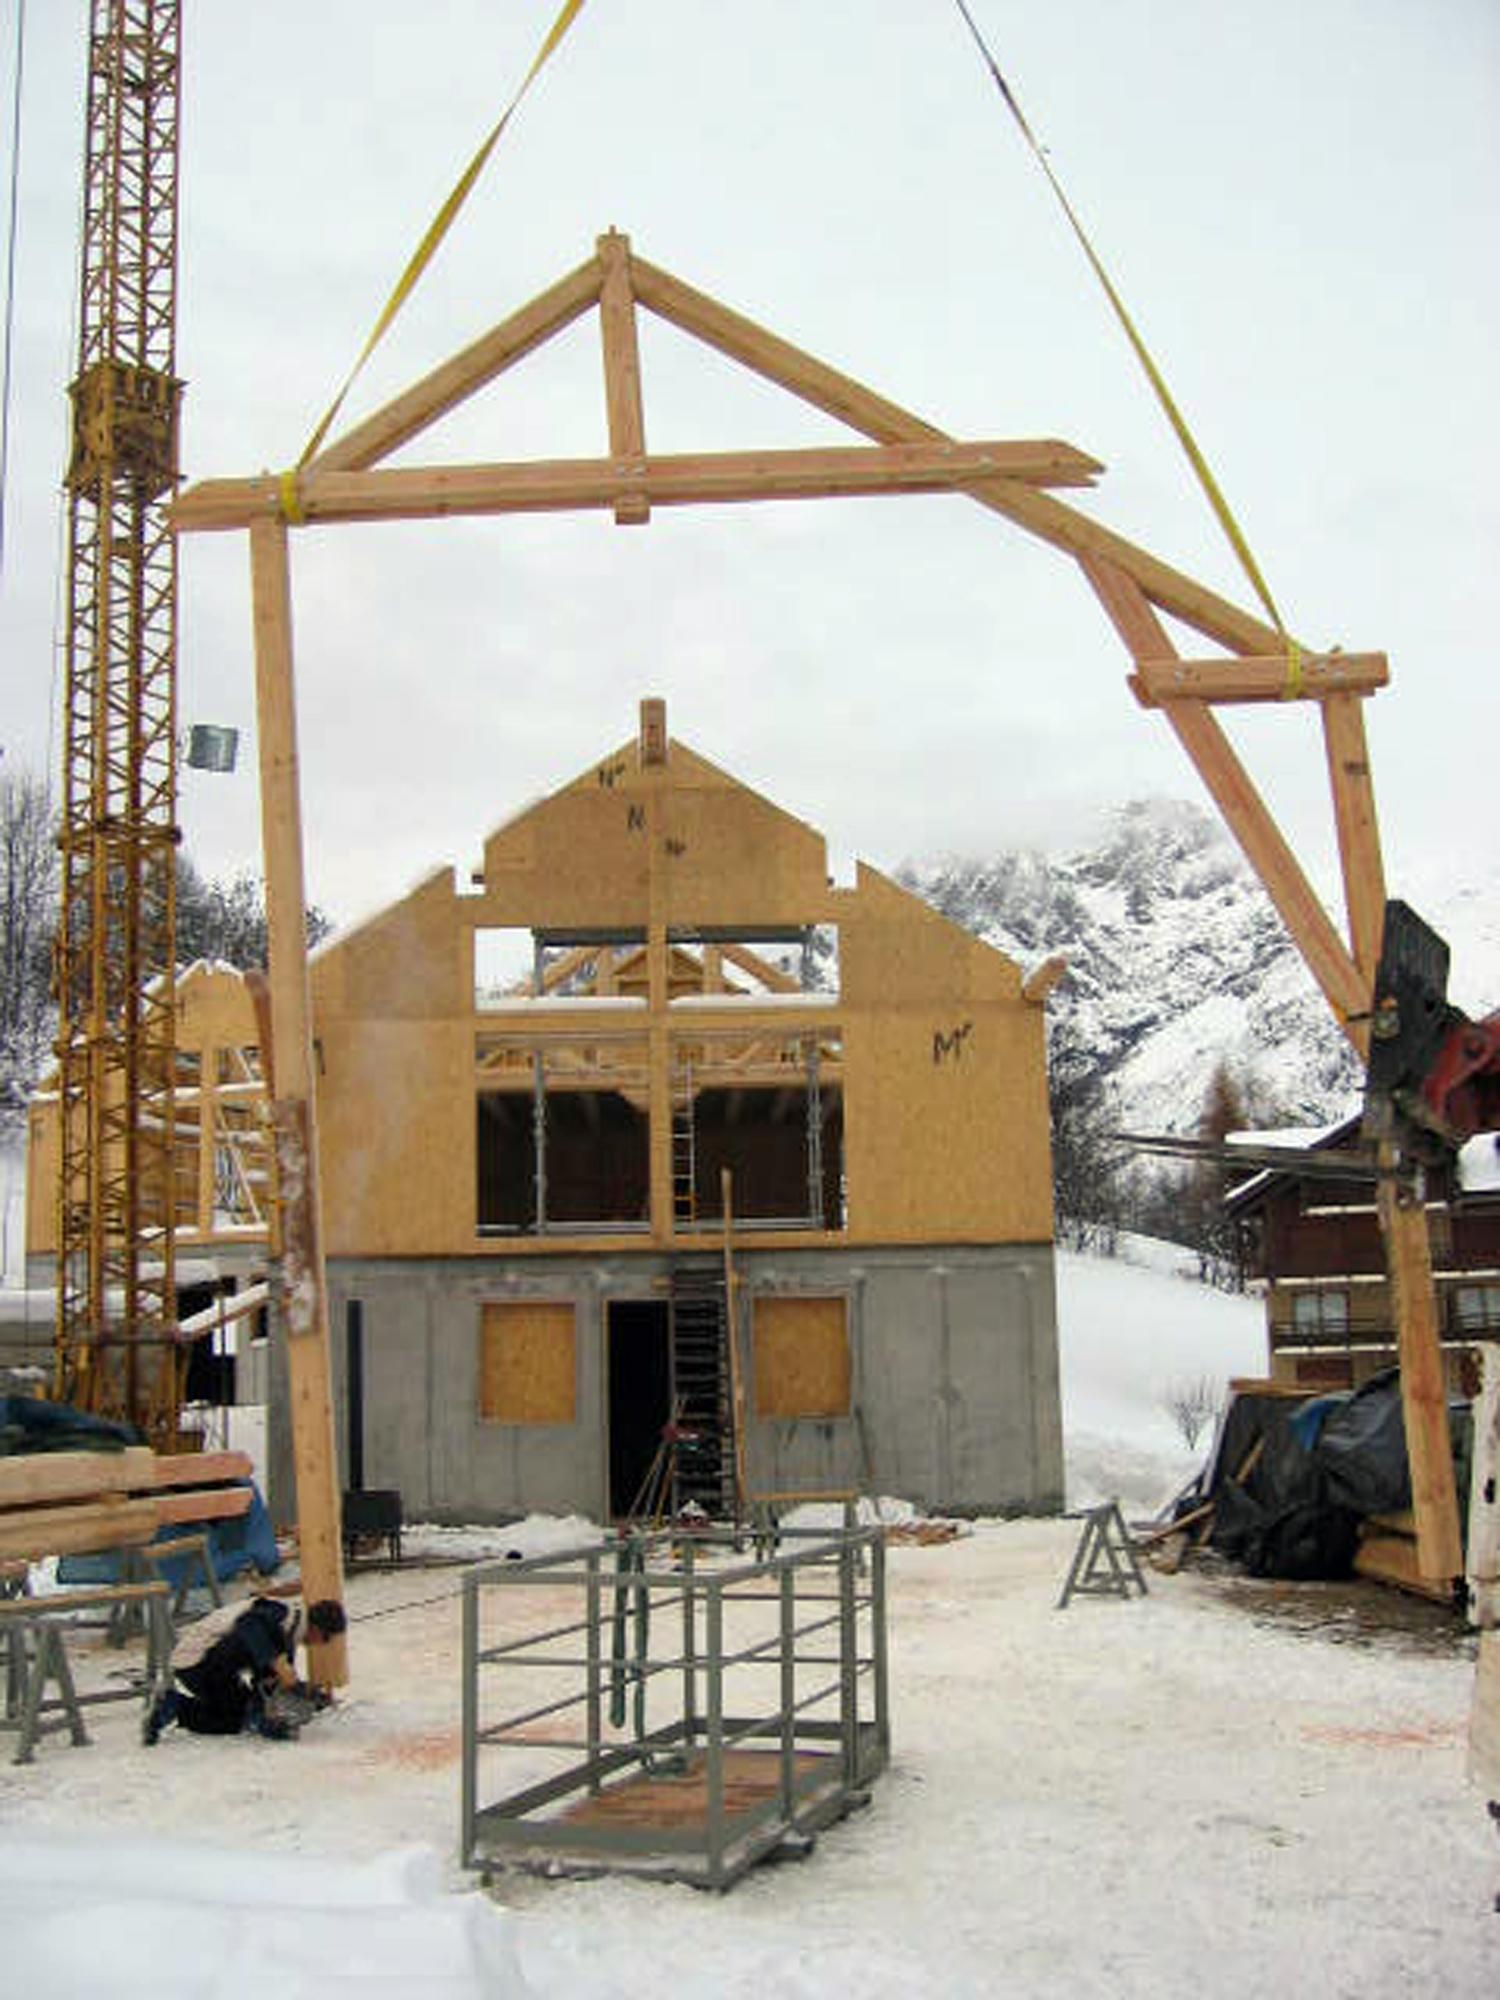 Notre expertise en images de la construction de chalets for Construction chalet